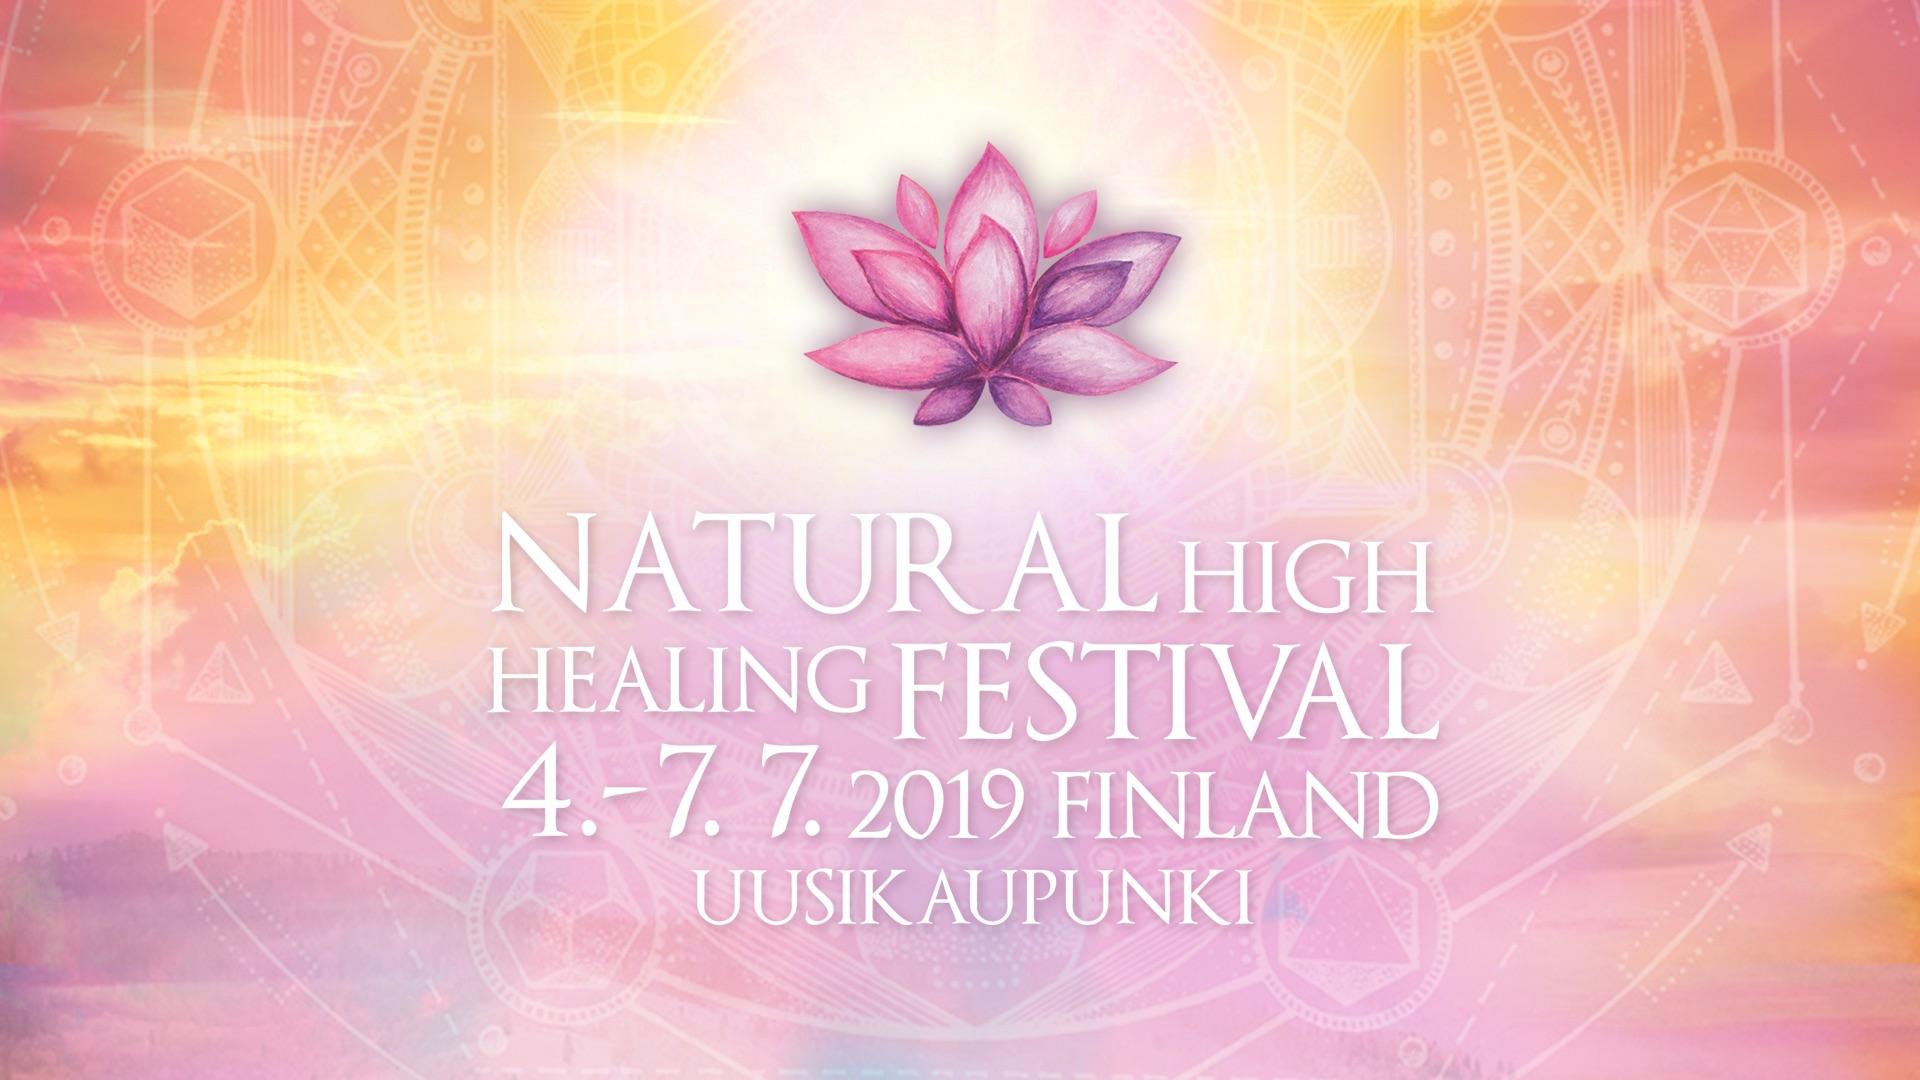 Natural High Healing Festival Finland 2019